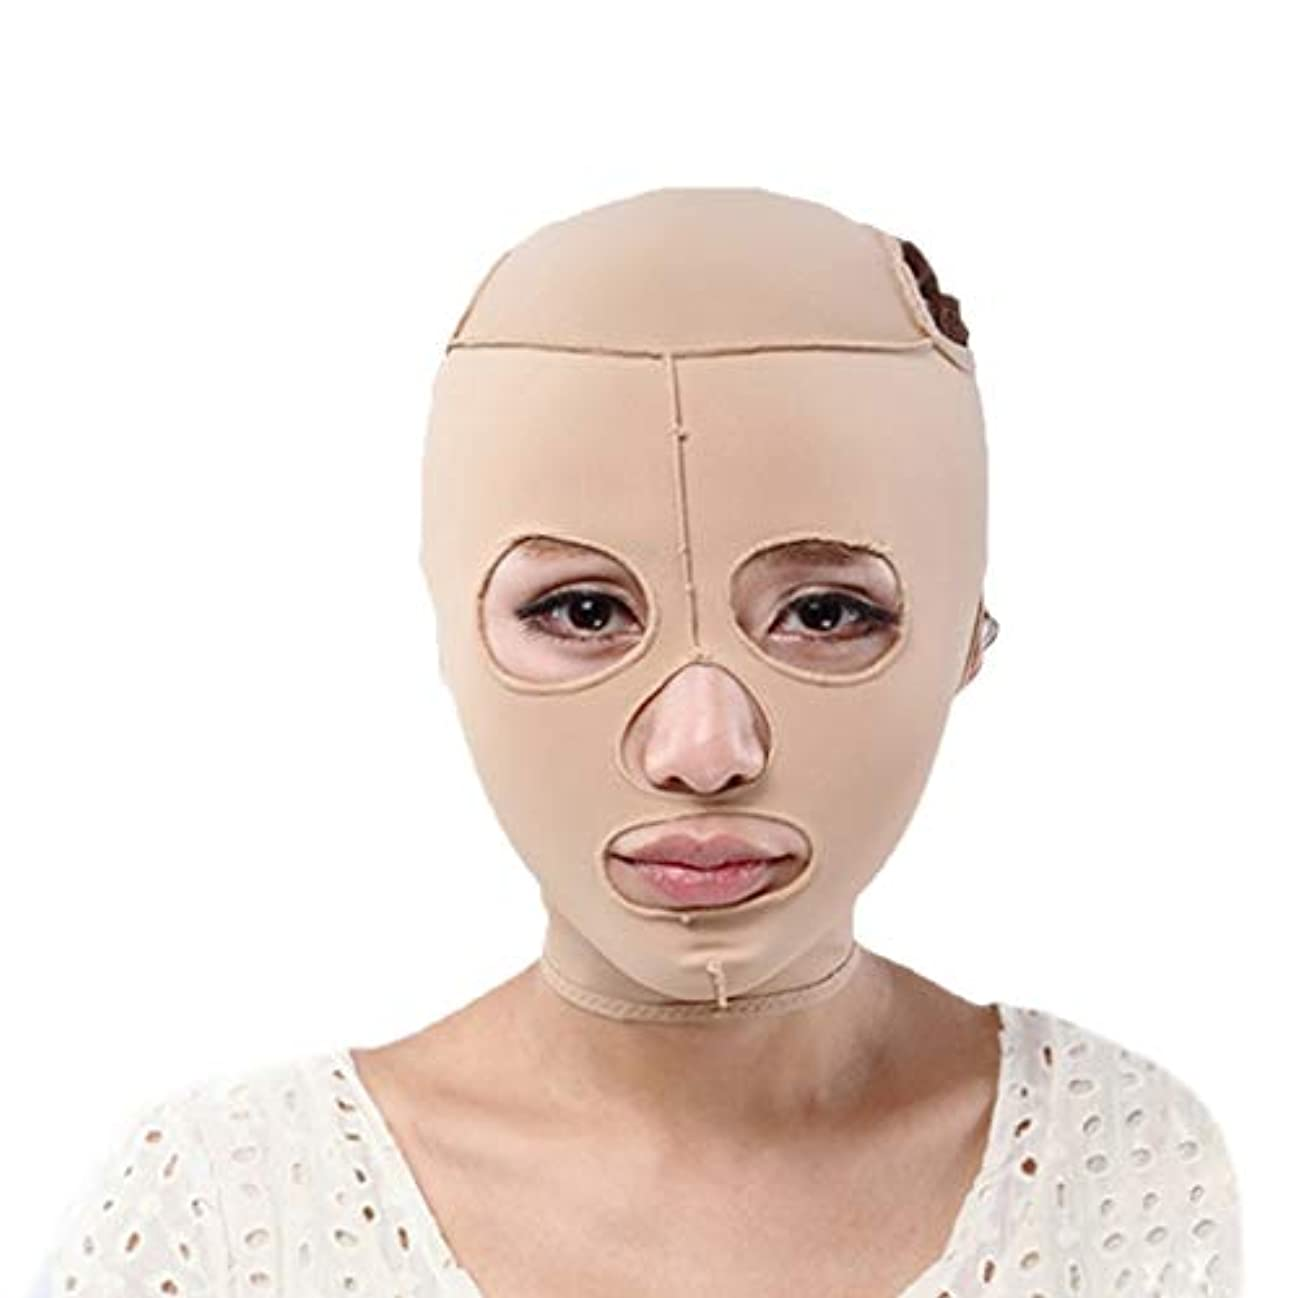 アサー主人迫害XHLMRMJ あごのストラップ、顔の減量のしわ防止マスク、快適な通気性マスクを備えたオールインクルーシブの顔、薄いフェイスマスクのリフティング包帯引き締め (Size : S)